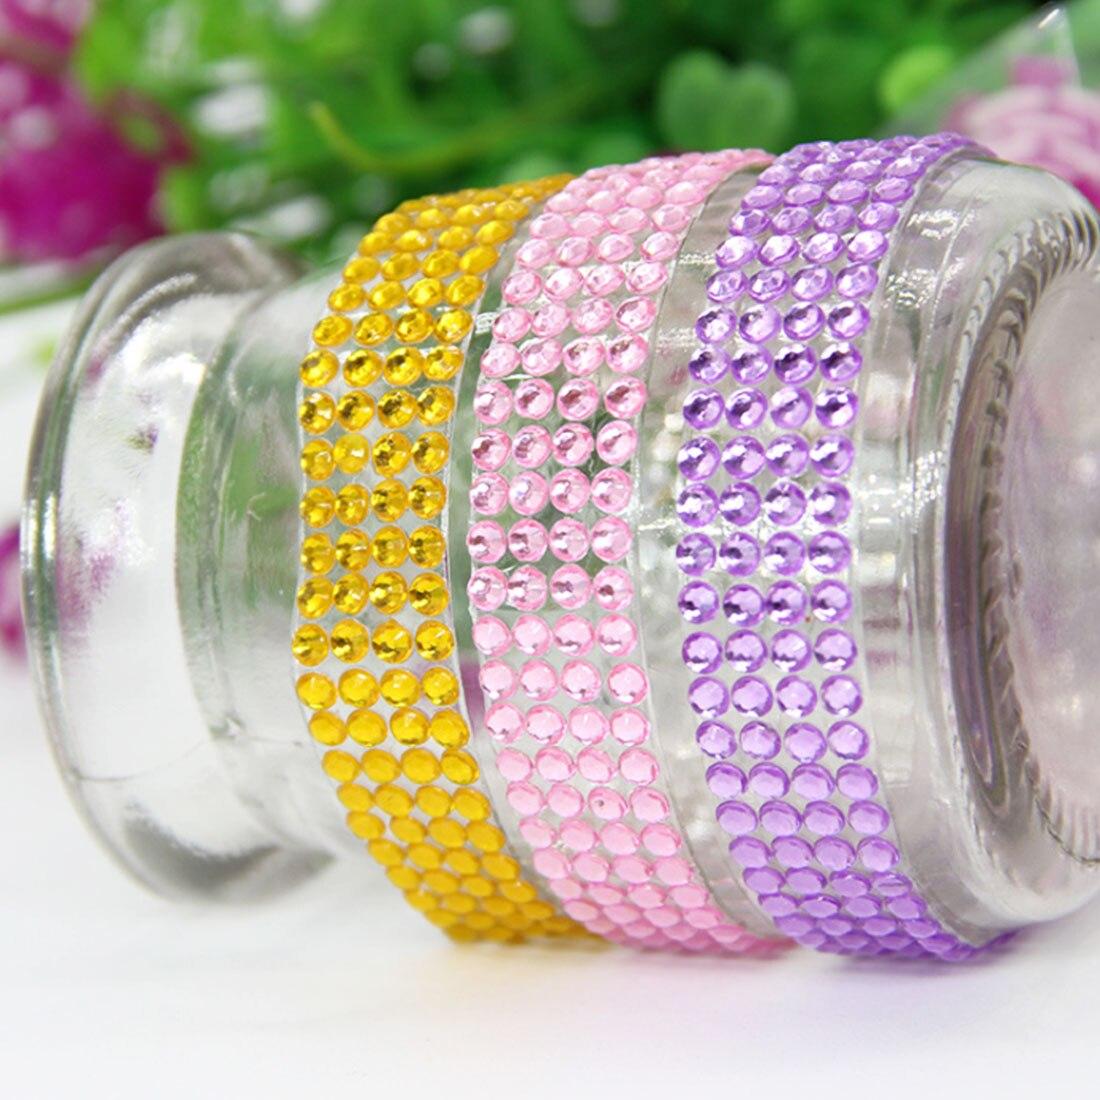 Crystal Colorful Acrylic Self-adhesive Rhinestone Sticker Tape Craft Flash Gem  DIY Sticker Clip Art 93000fb8497b